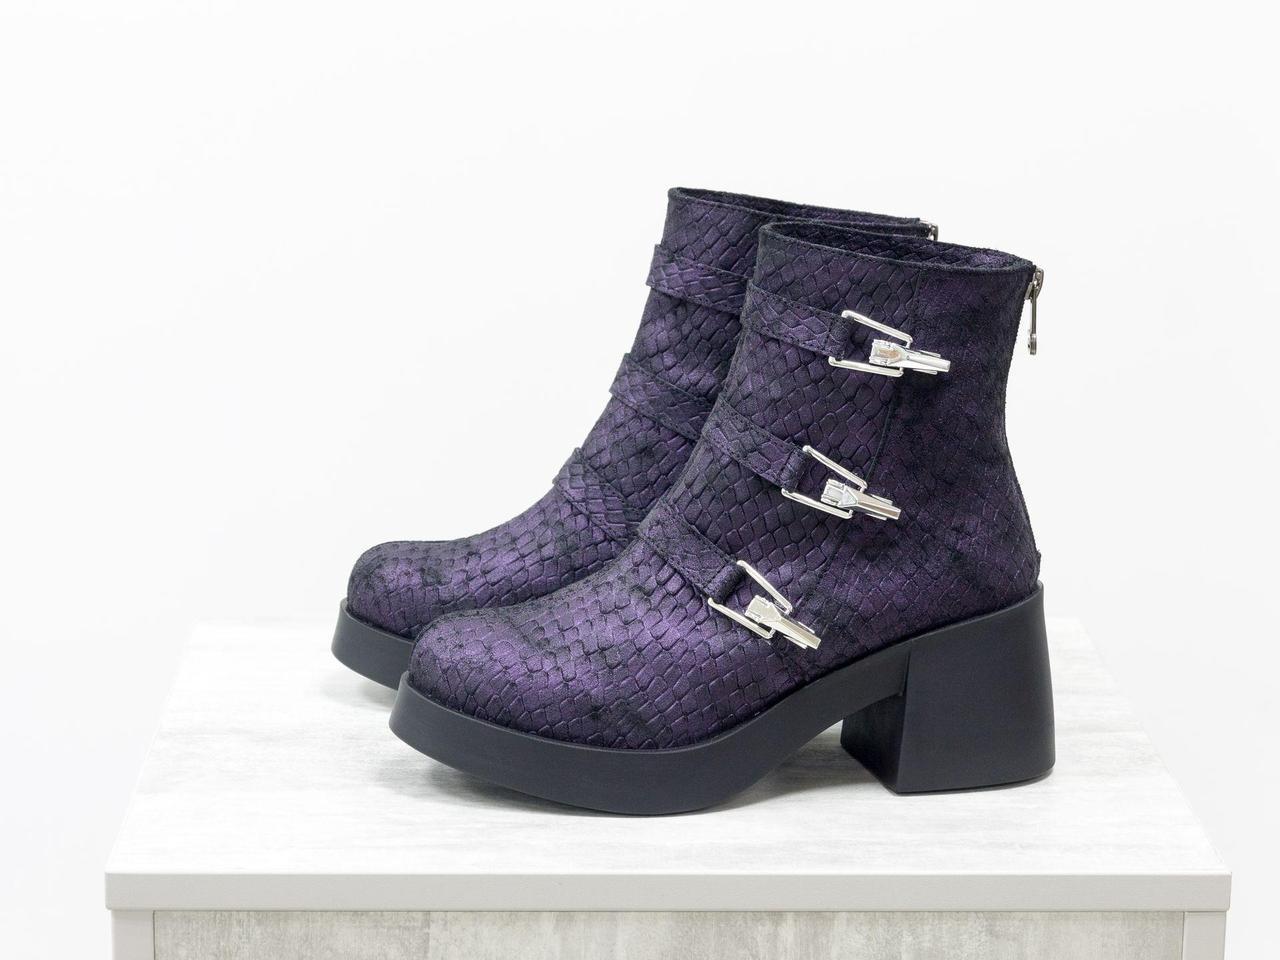 Ботинки из эксклюзивной натуральной матовой кожи фиолетового цвета с текстурой рептилии, с ремешками и серебряными застежками на черной устойчивой